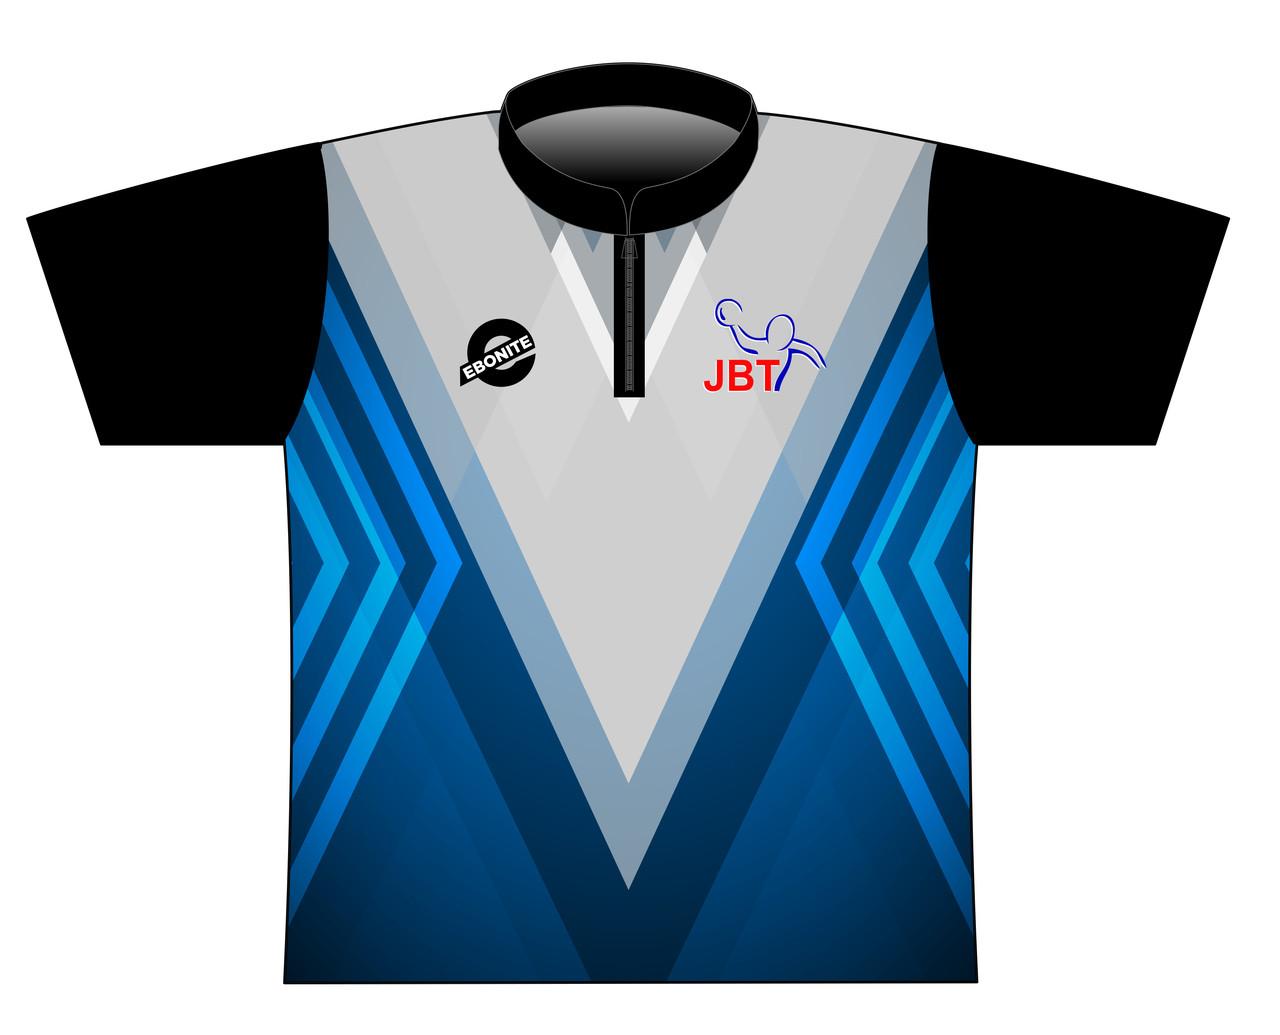 JBT 2017-18 Dye Sublimated Jersey - 3